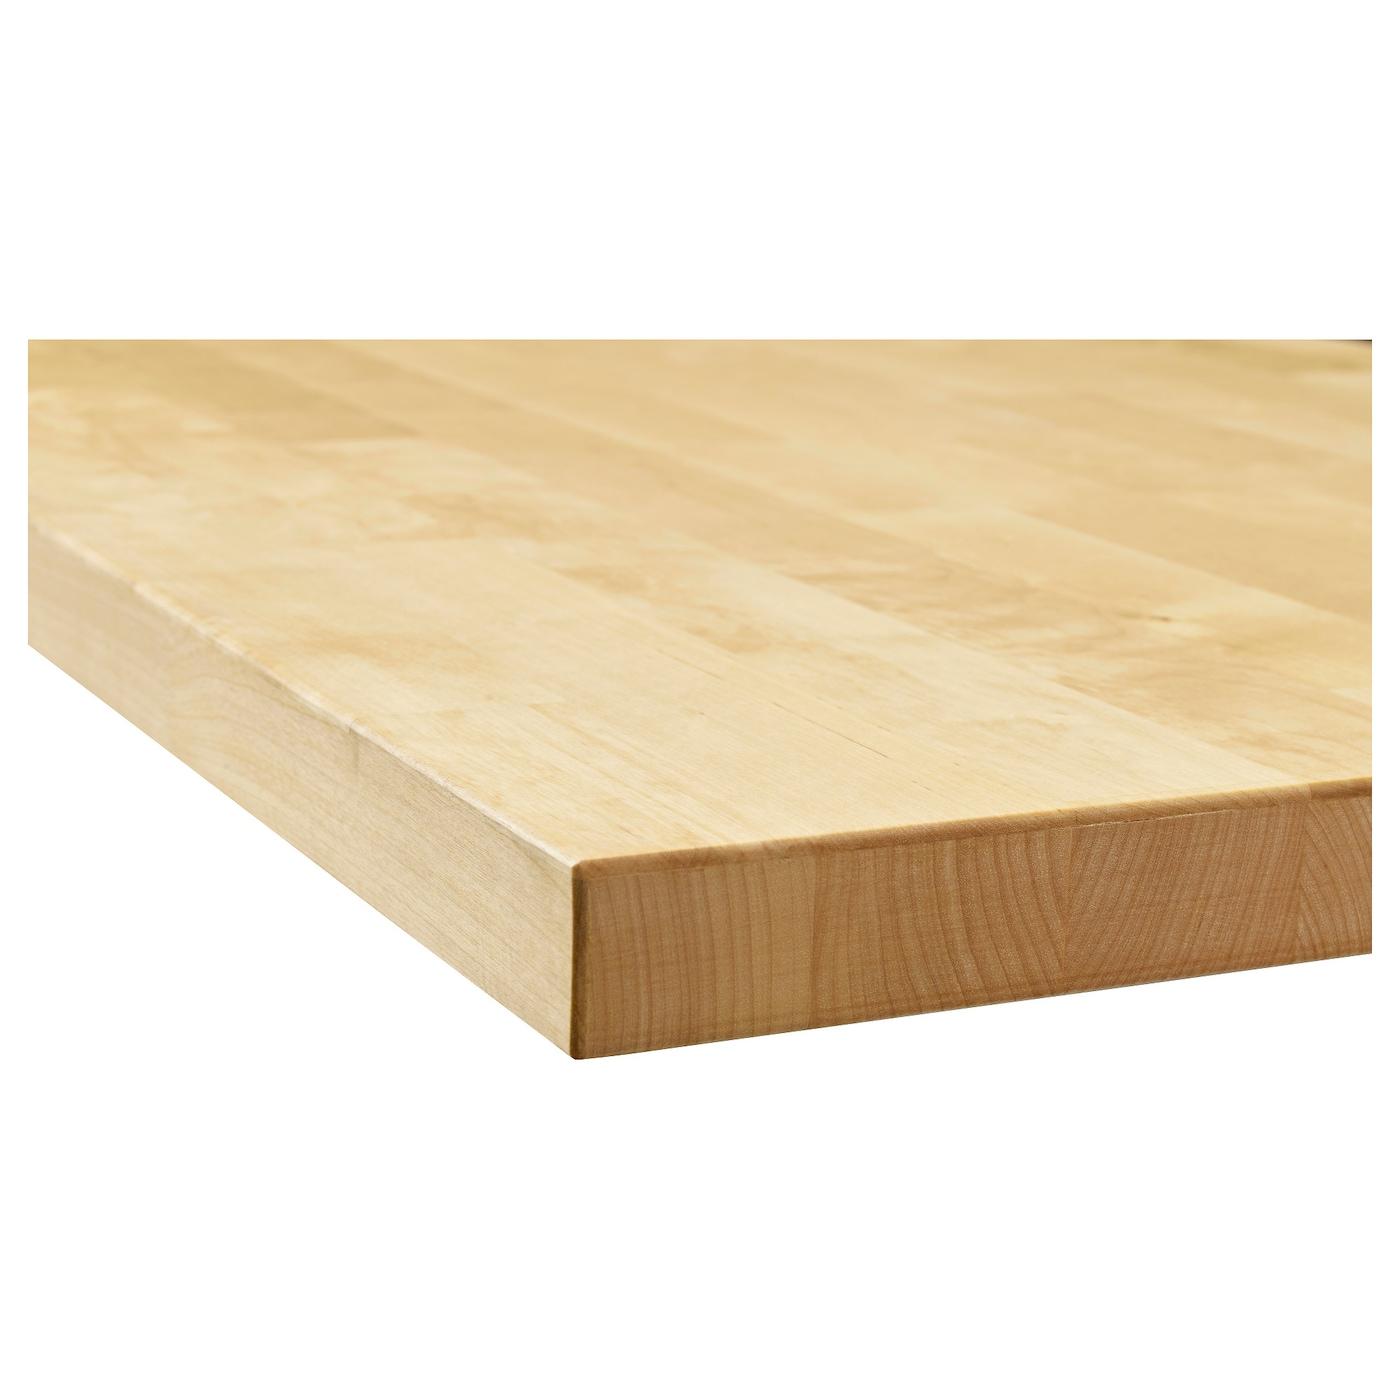 KARLBY Pracovní deska na míru, bříza/dýha, 63.6-125x3.8 cm